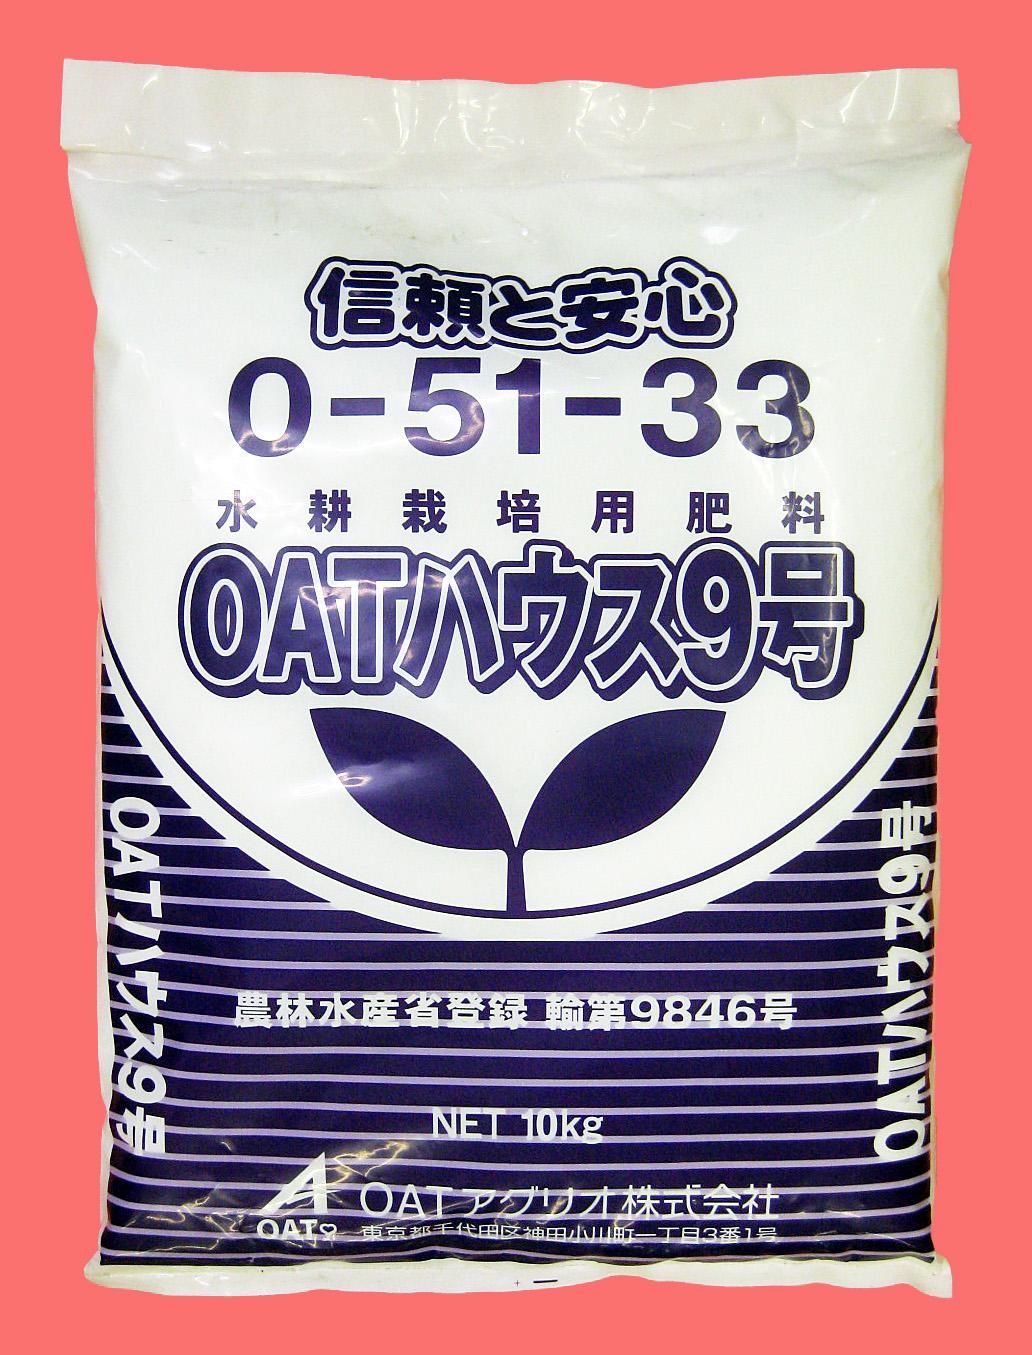 OATハウス肥料9号 農薬通販jp